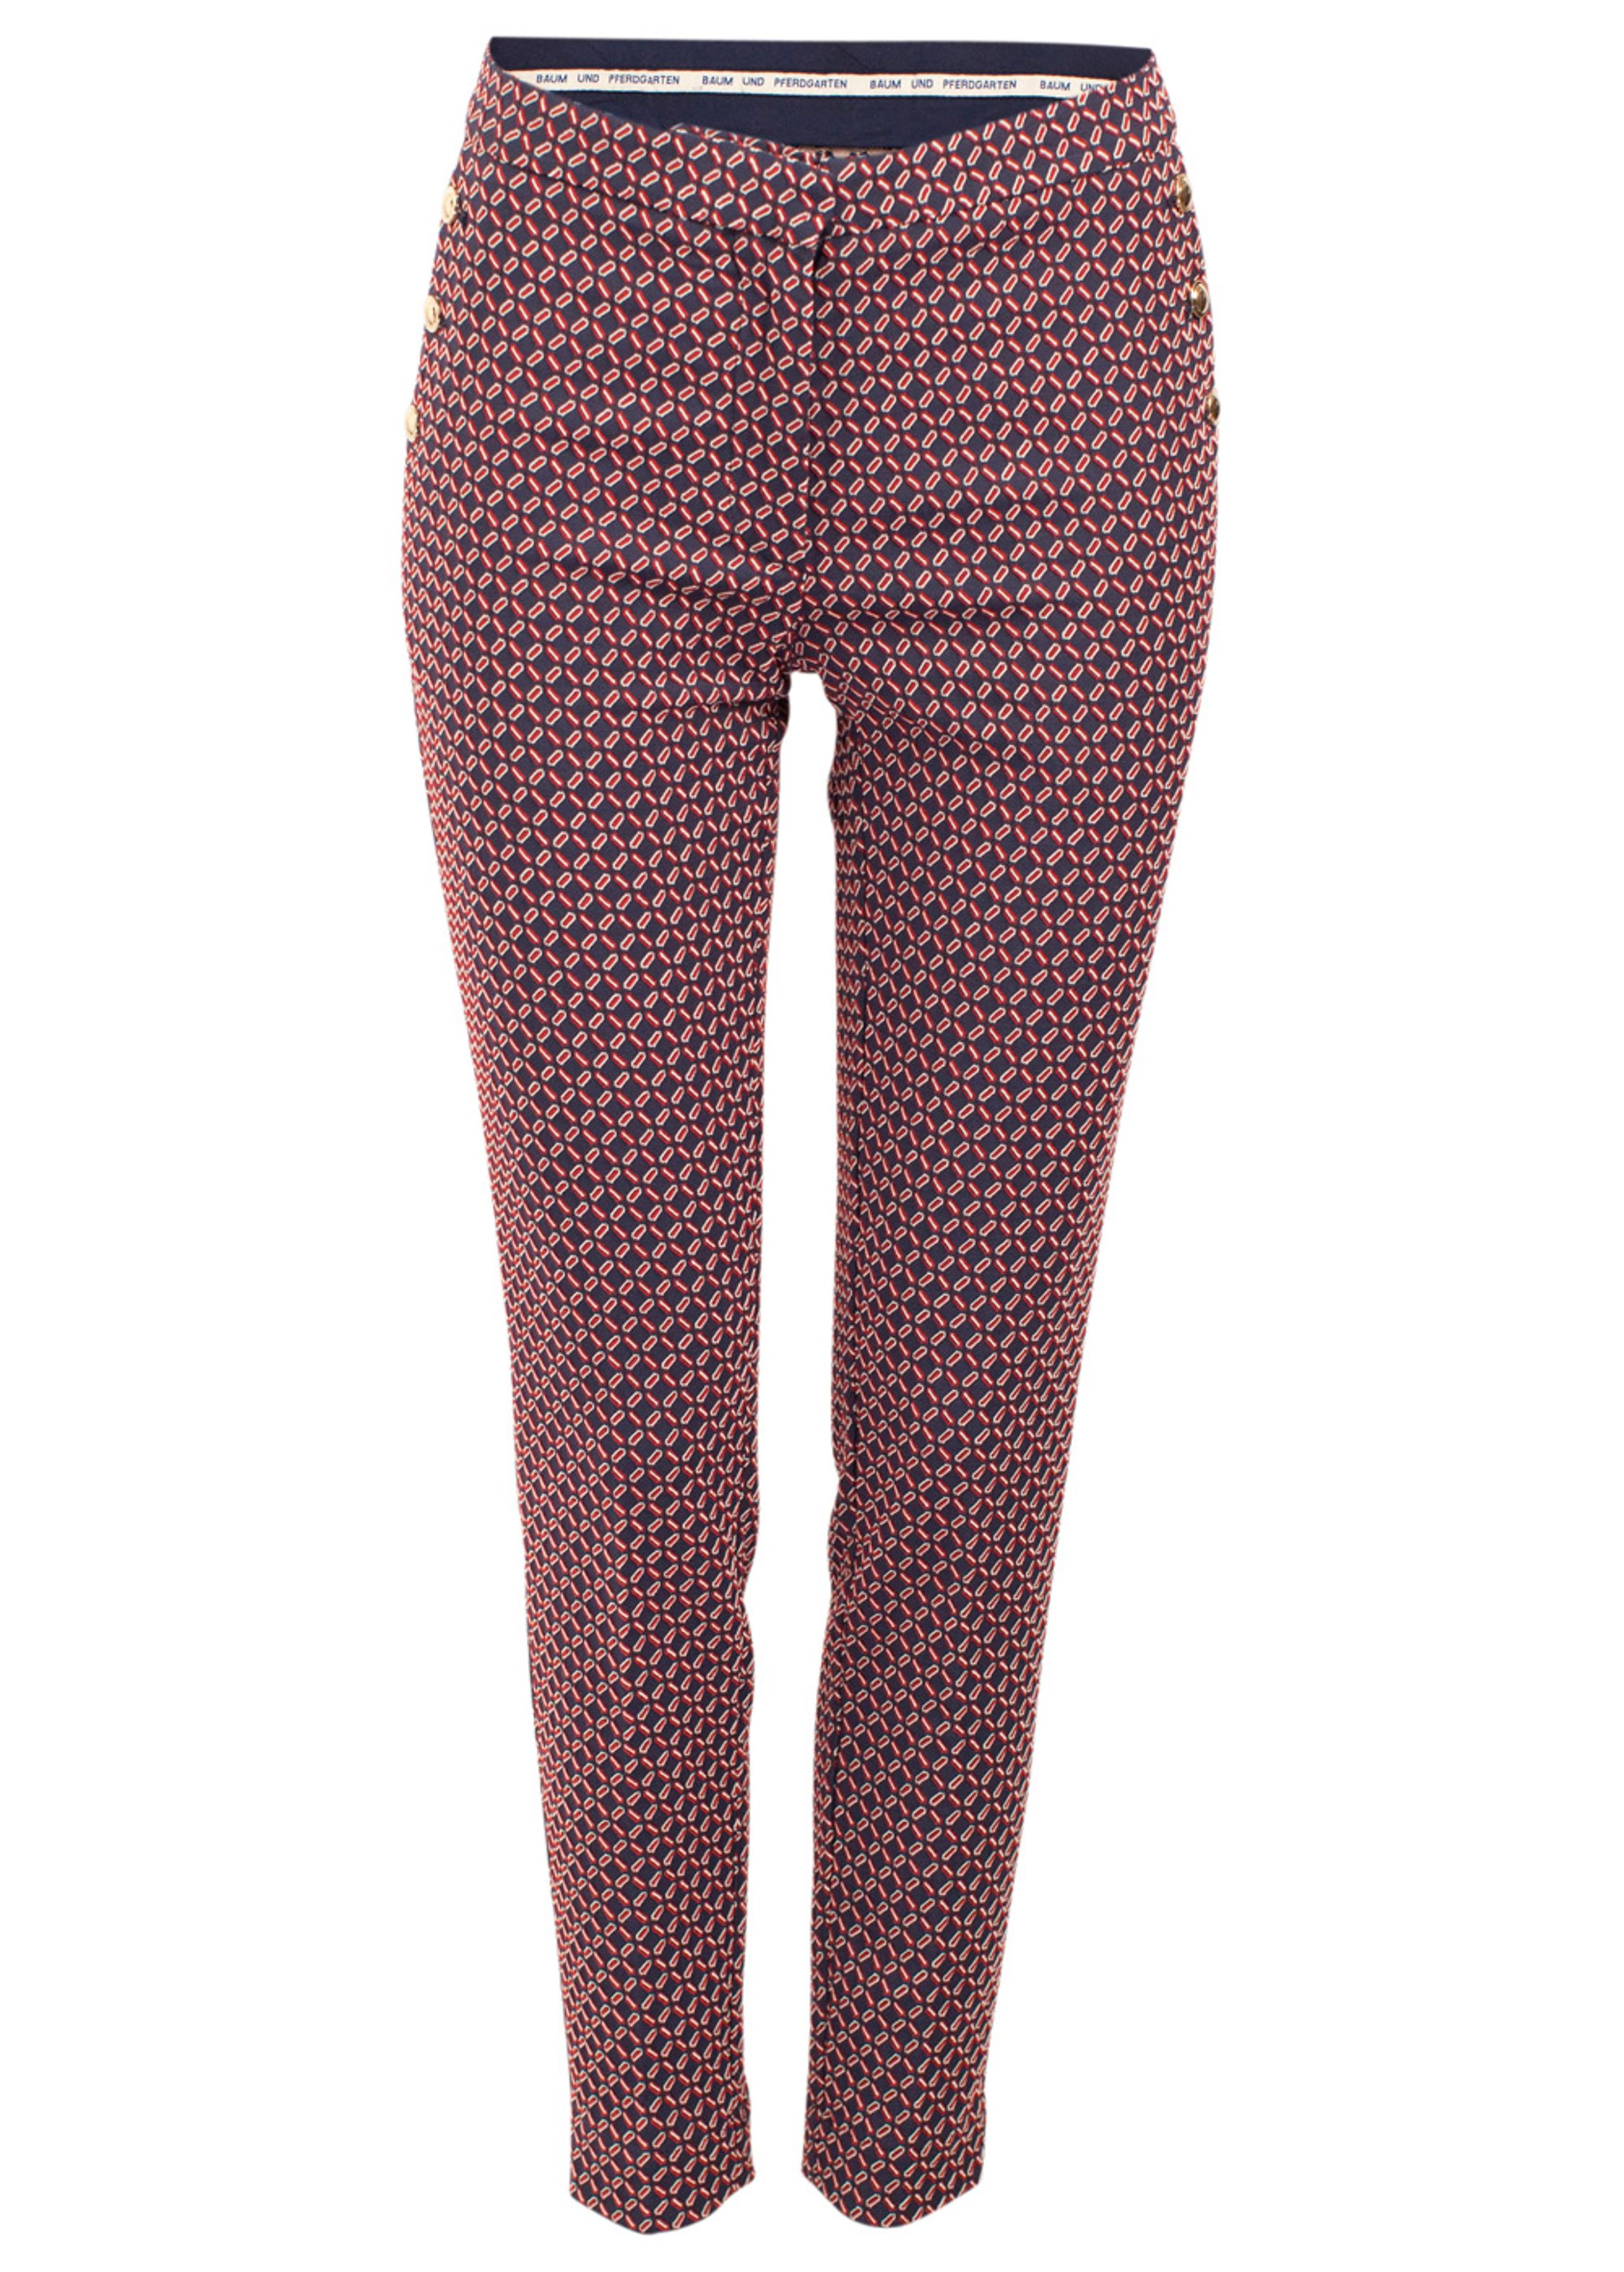 Nara pants